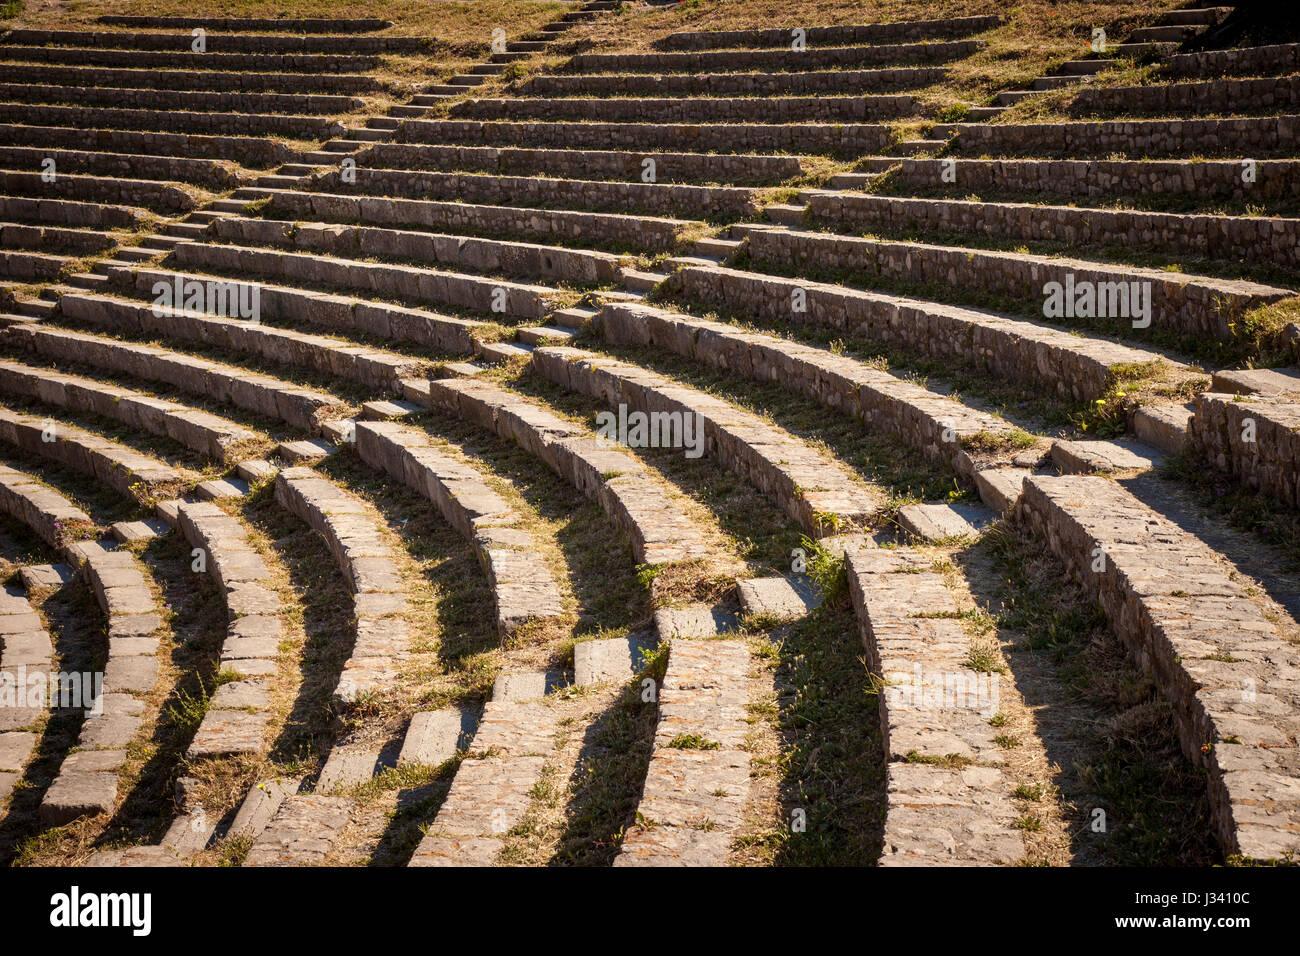 Rangées de sièges au Teatro Greco (Théâtre grec - 3e s. BC), Taormina, Sicile, Italie Photo Stock